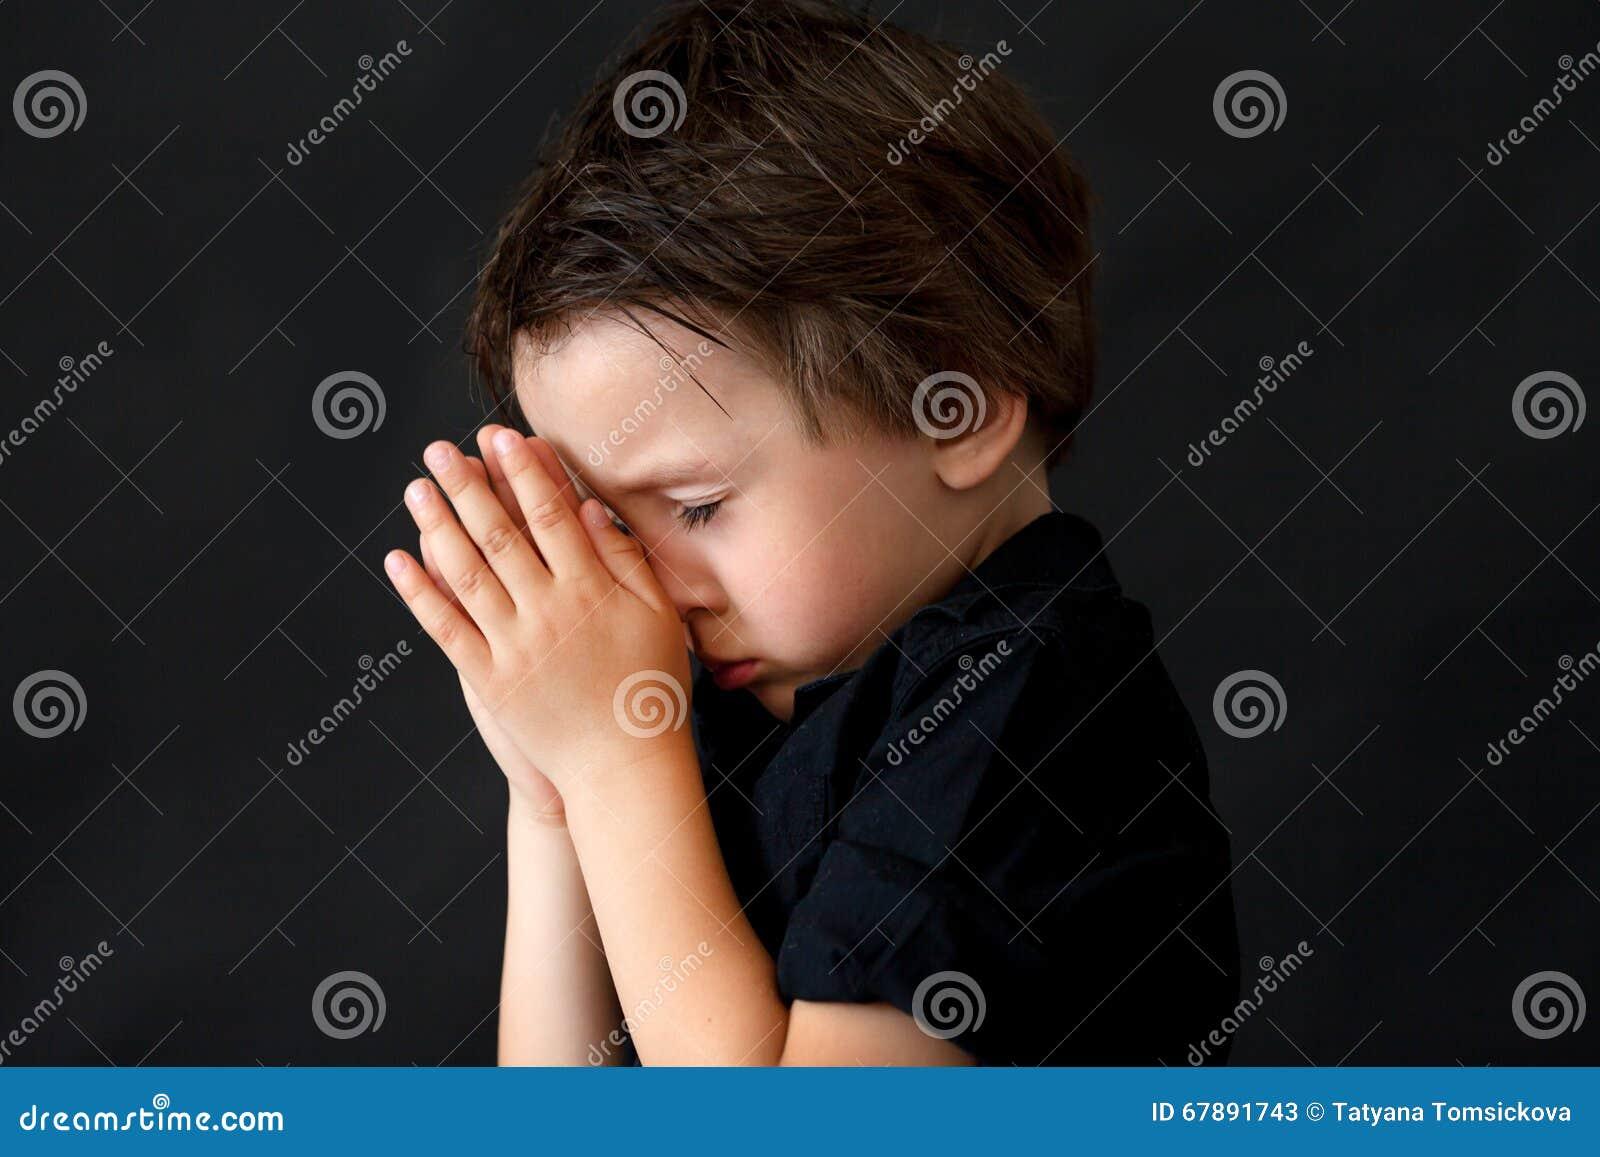 祈祷的小男孩,祈祷的孩子,被隔绝的背景